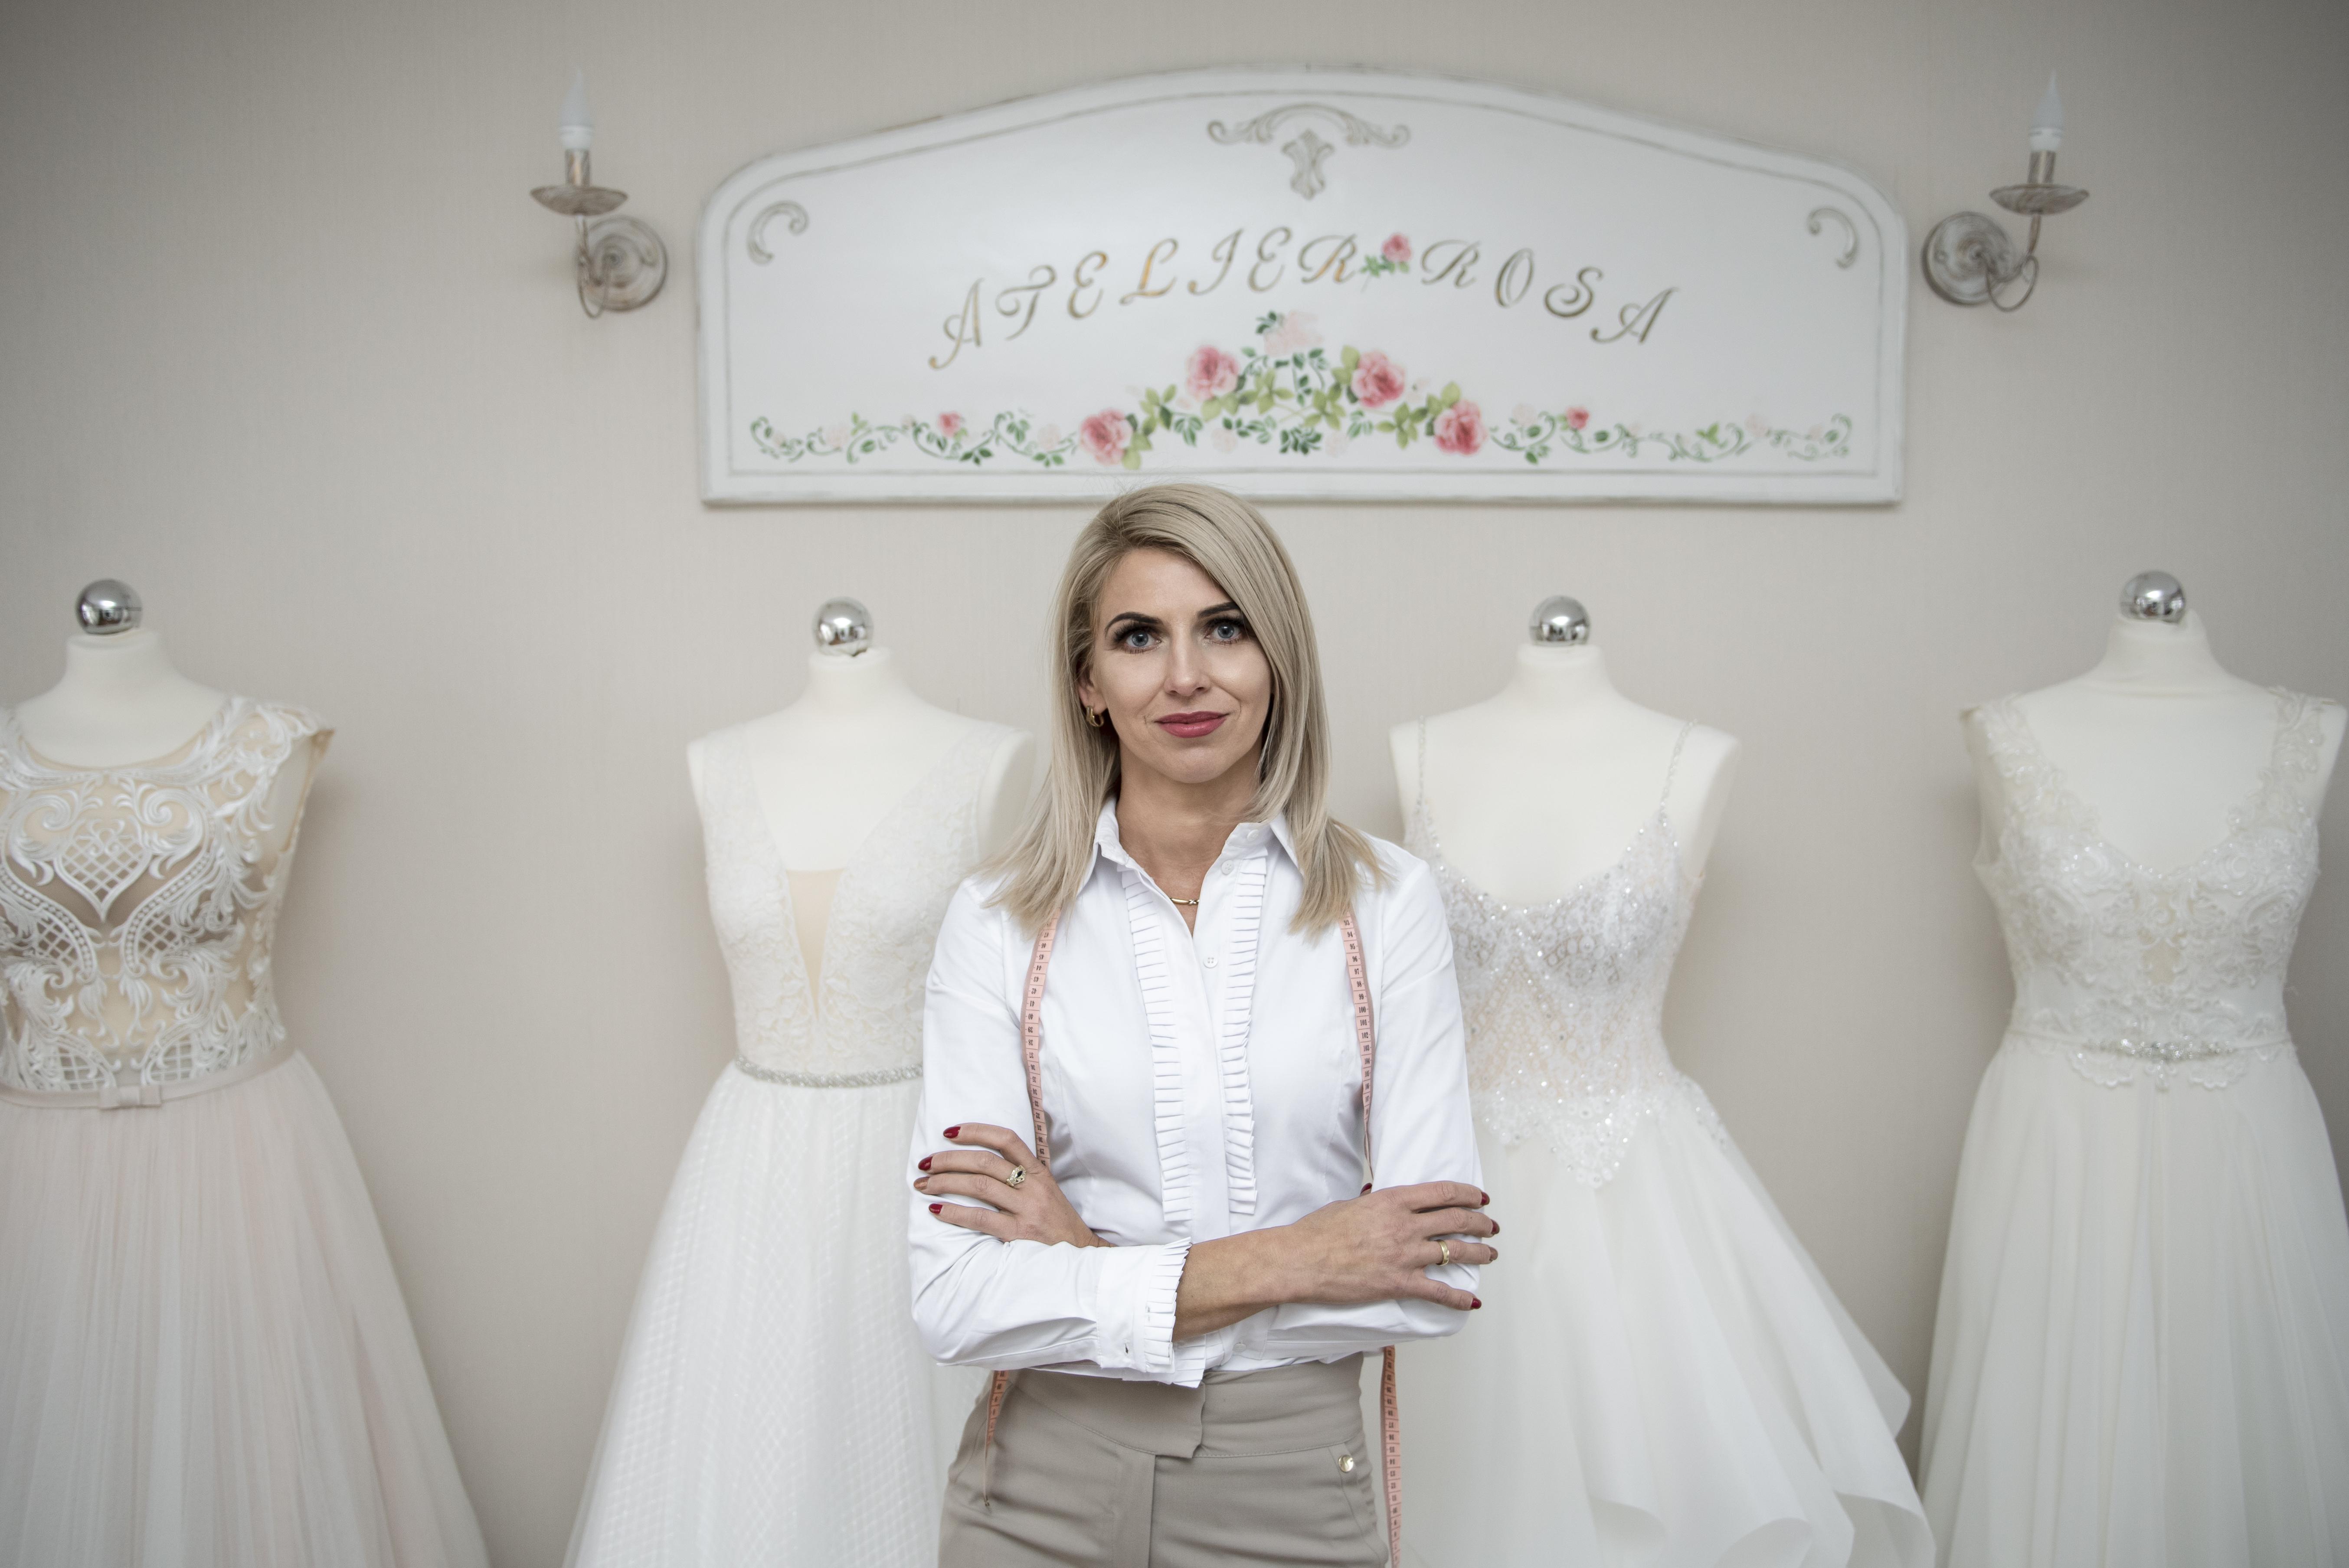 1e53dcdb01 Atrakcyjne ceny – Oferta obejmuje suknie w wyjątkowych przedziałach  cenowych. Ponadto organizujemy promocje na wybrane suknie ślubne i dodatki.